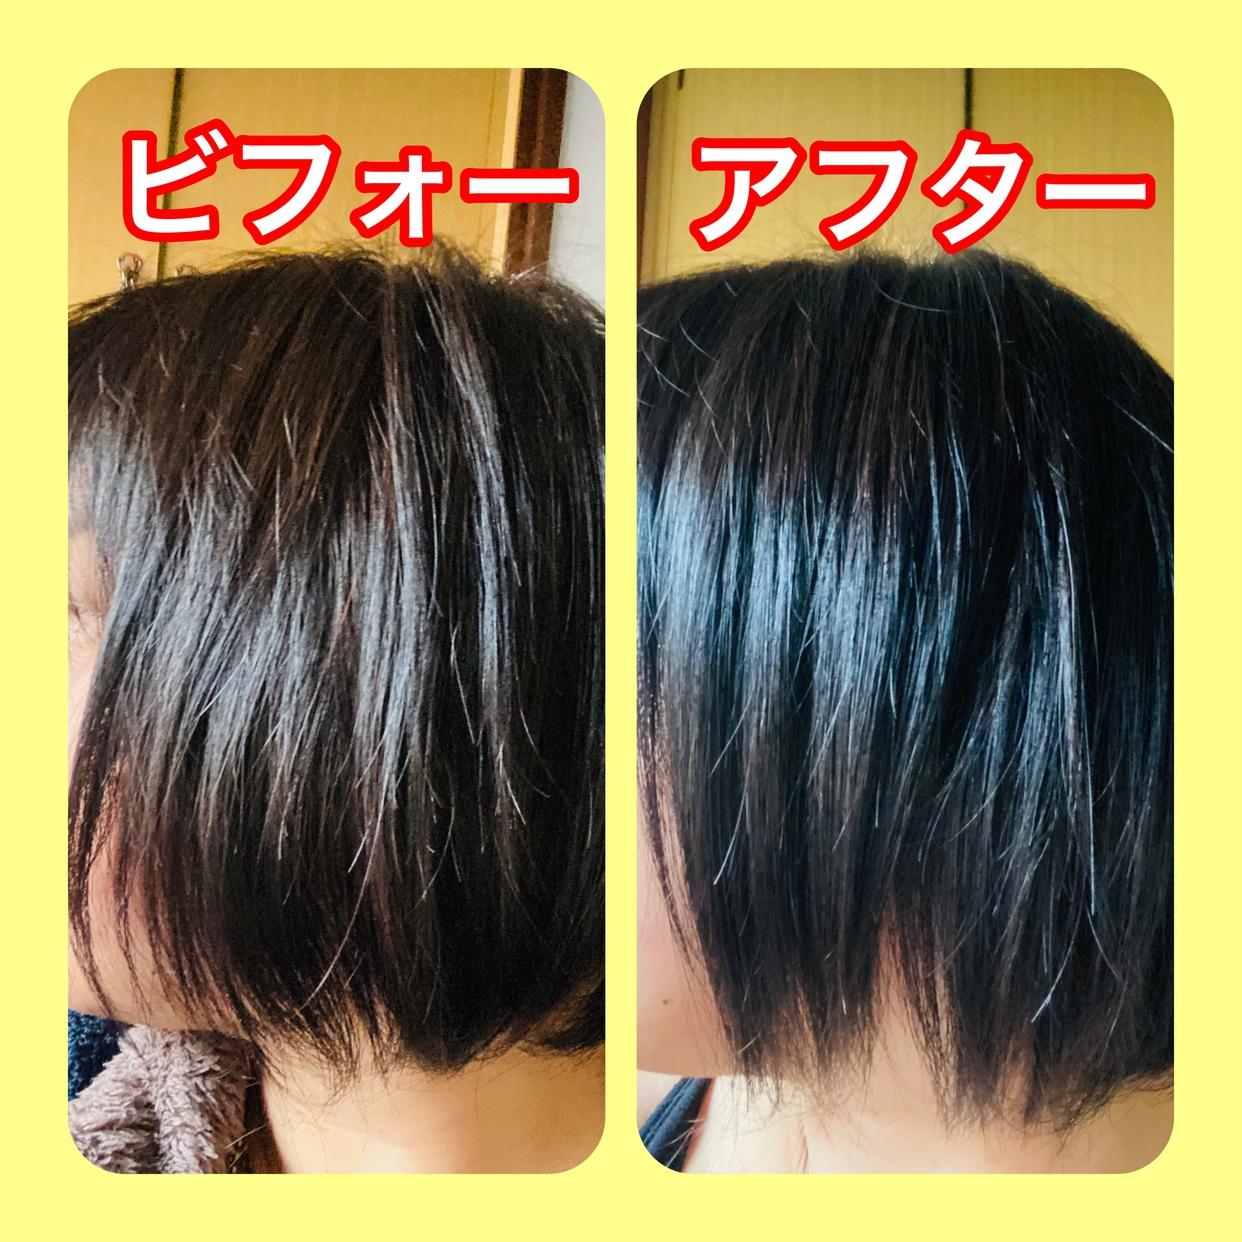 KAMIKA(カミカ) オールインワン黒髪クリームシャンプーを使ったマイピコブーさんのクチコミ画像3